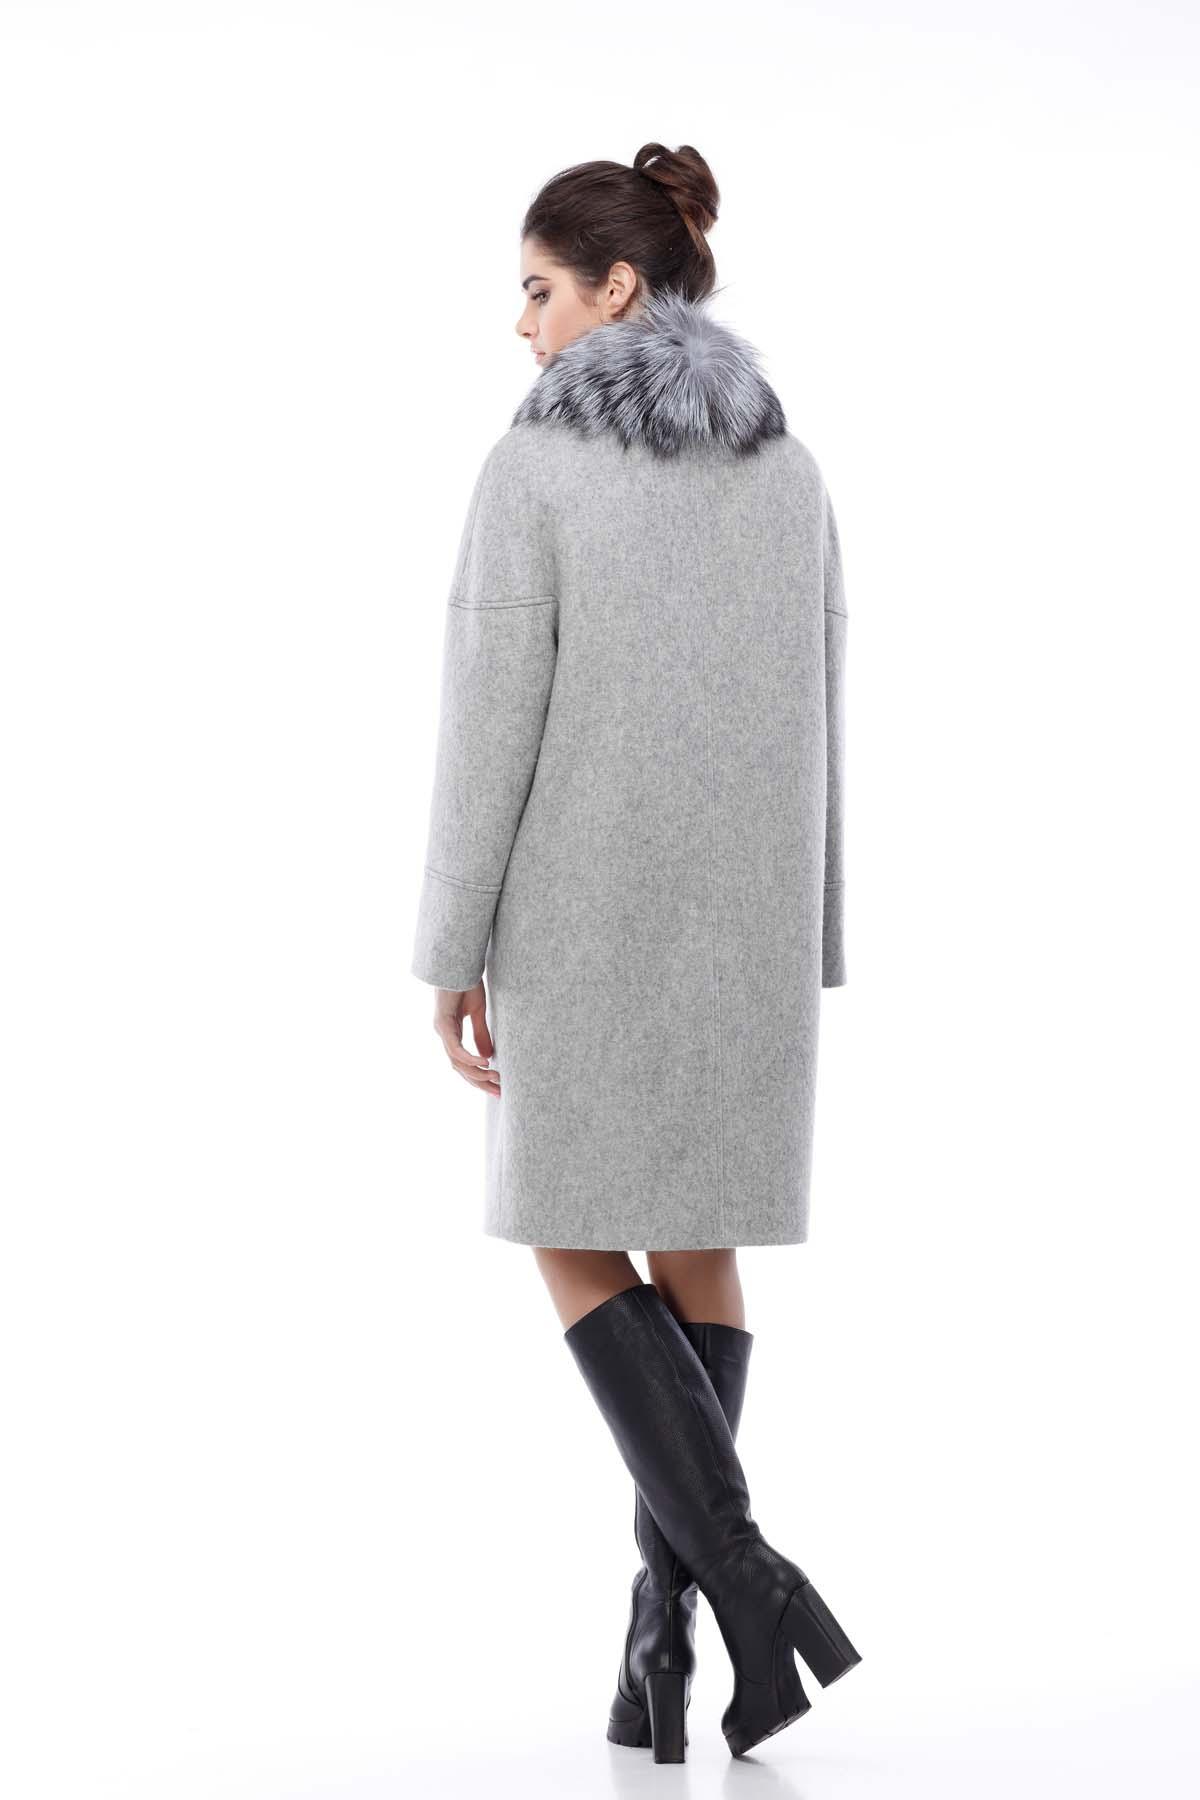 Зимове пальто Доменіка утепл. світло-сірий